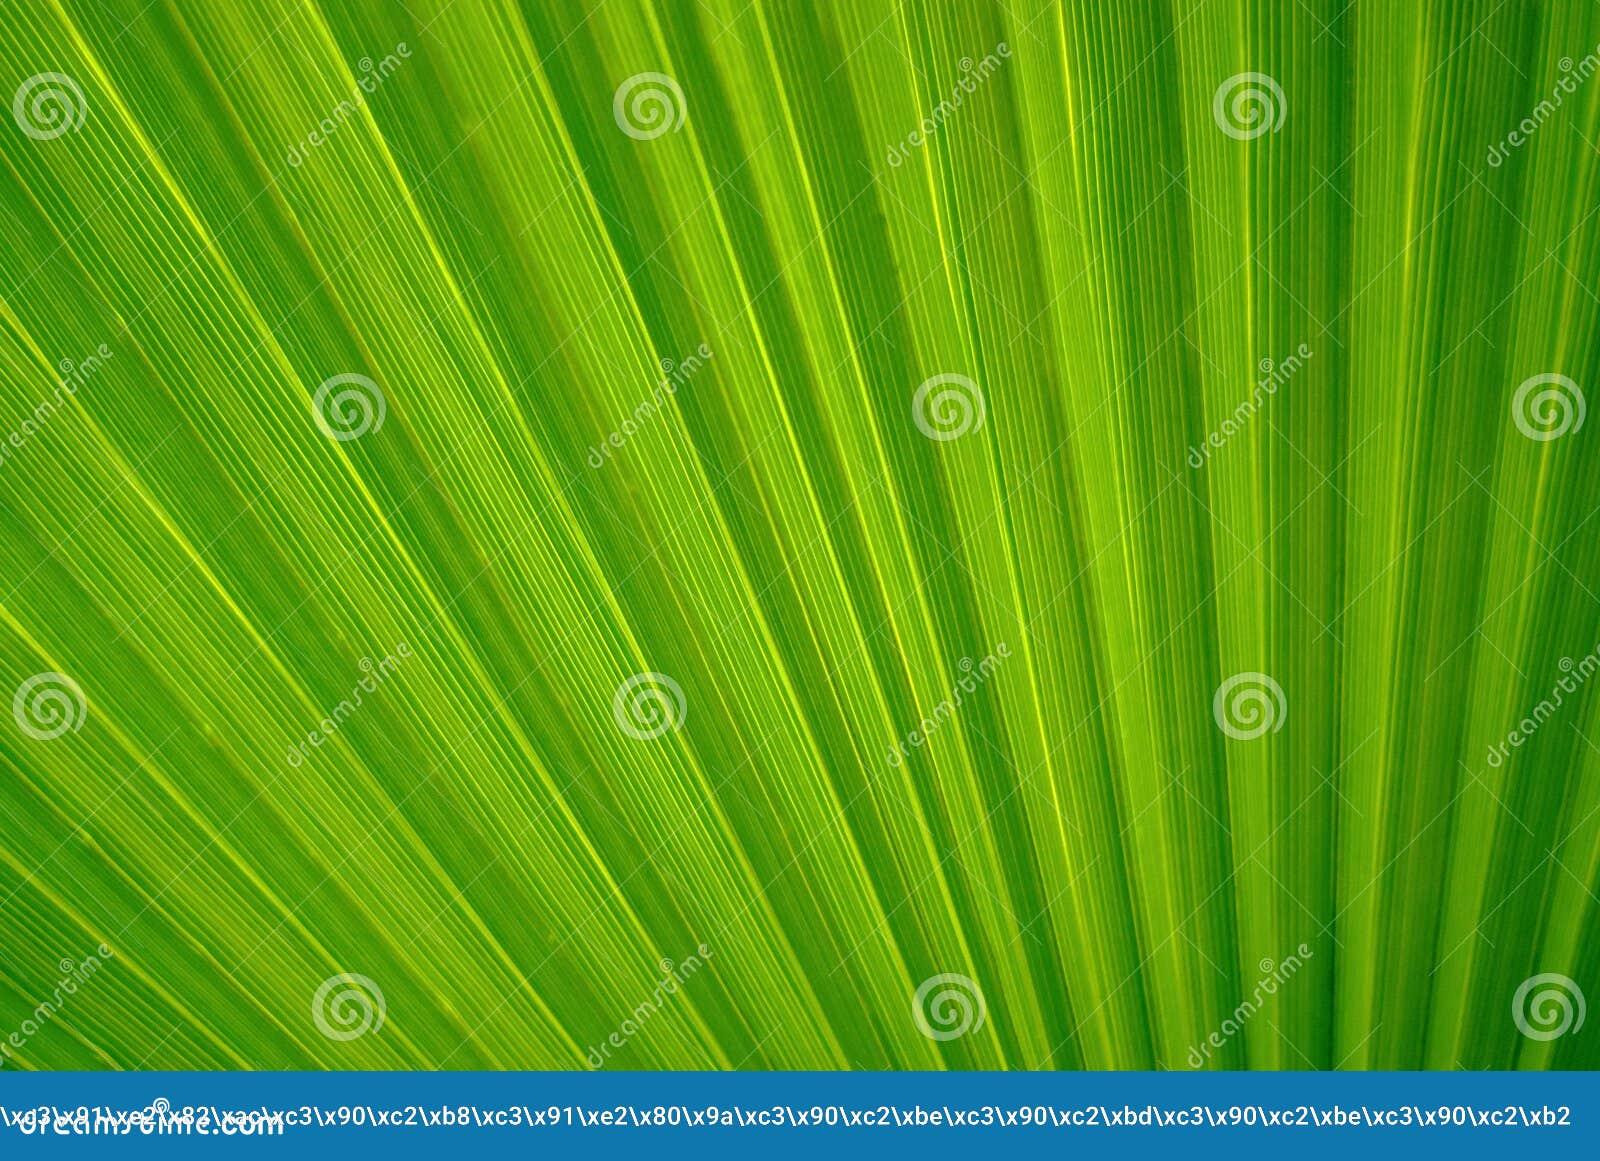 抽象花卉背景-棕榈的叶子的片段